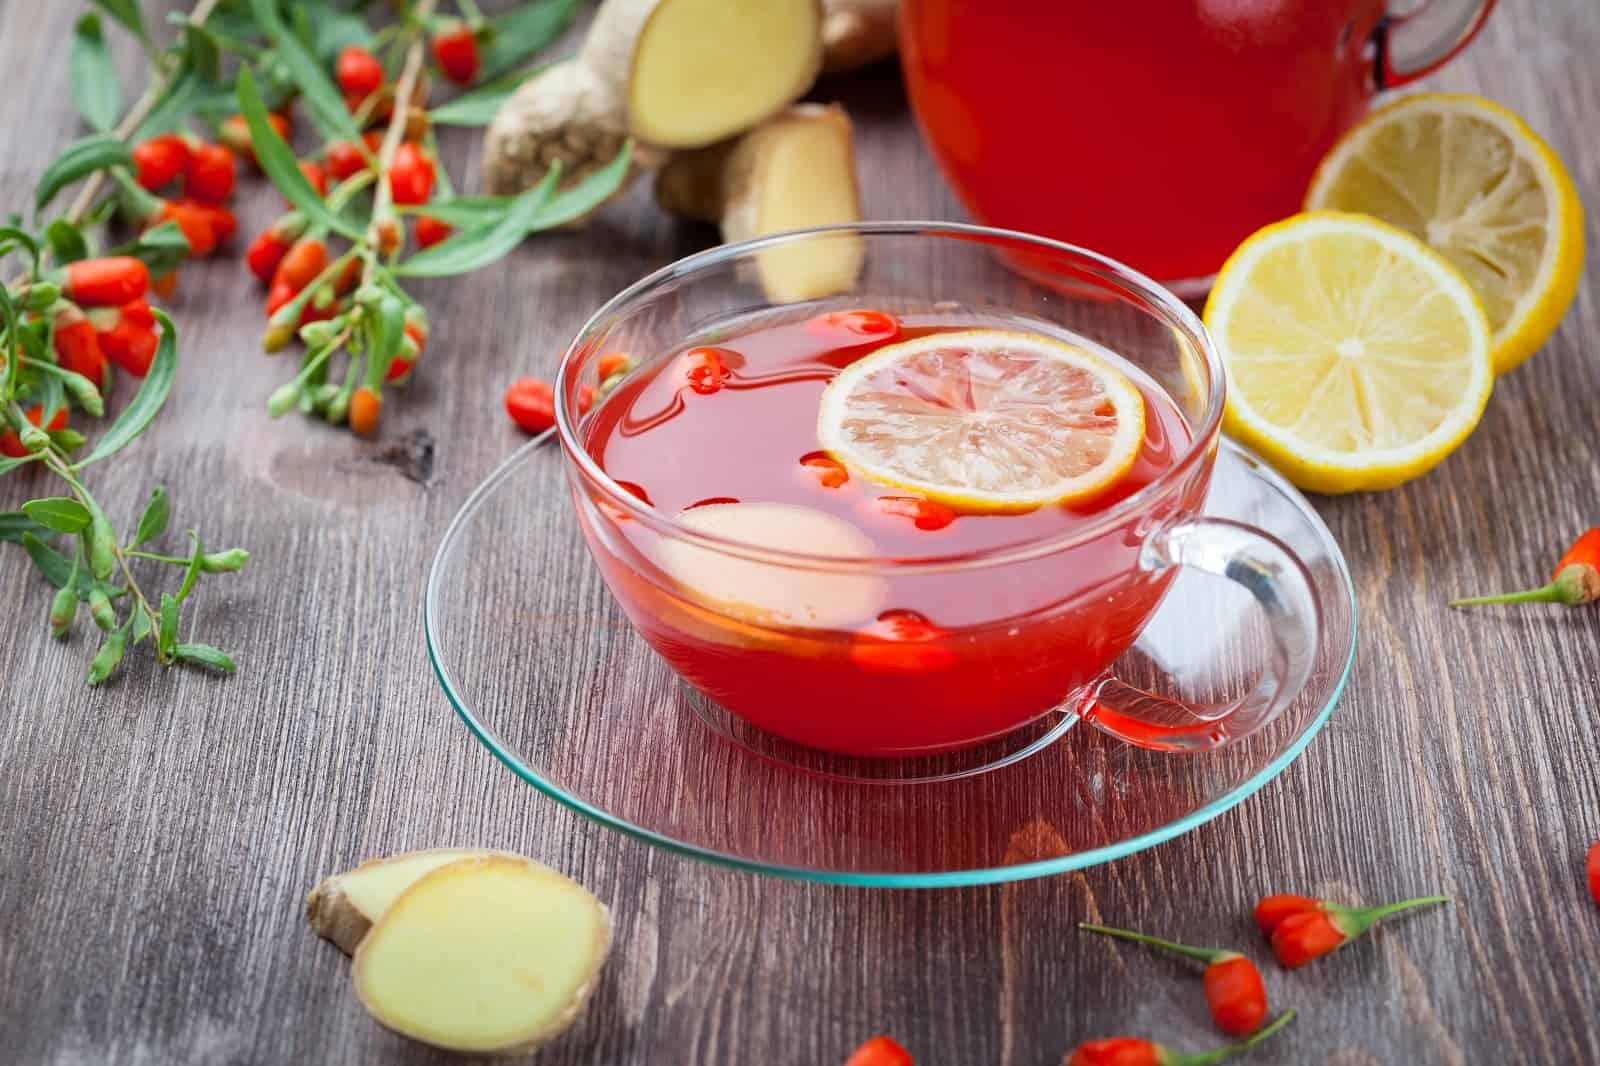 Лимонный чай с ягодами годжи